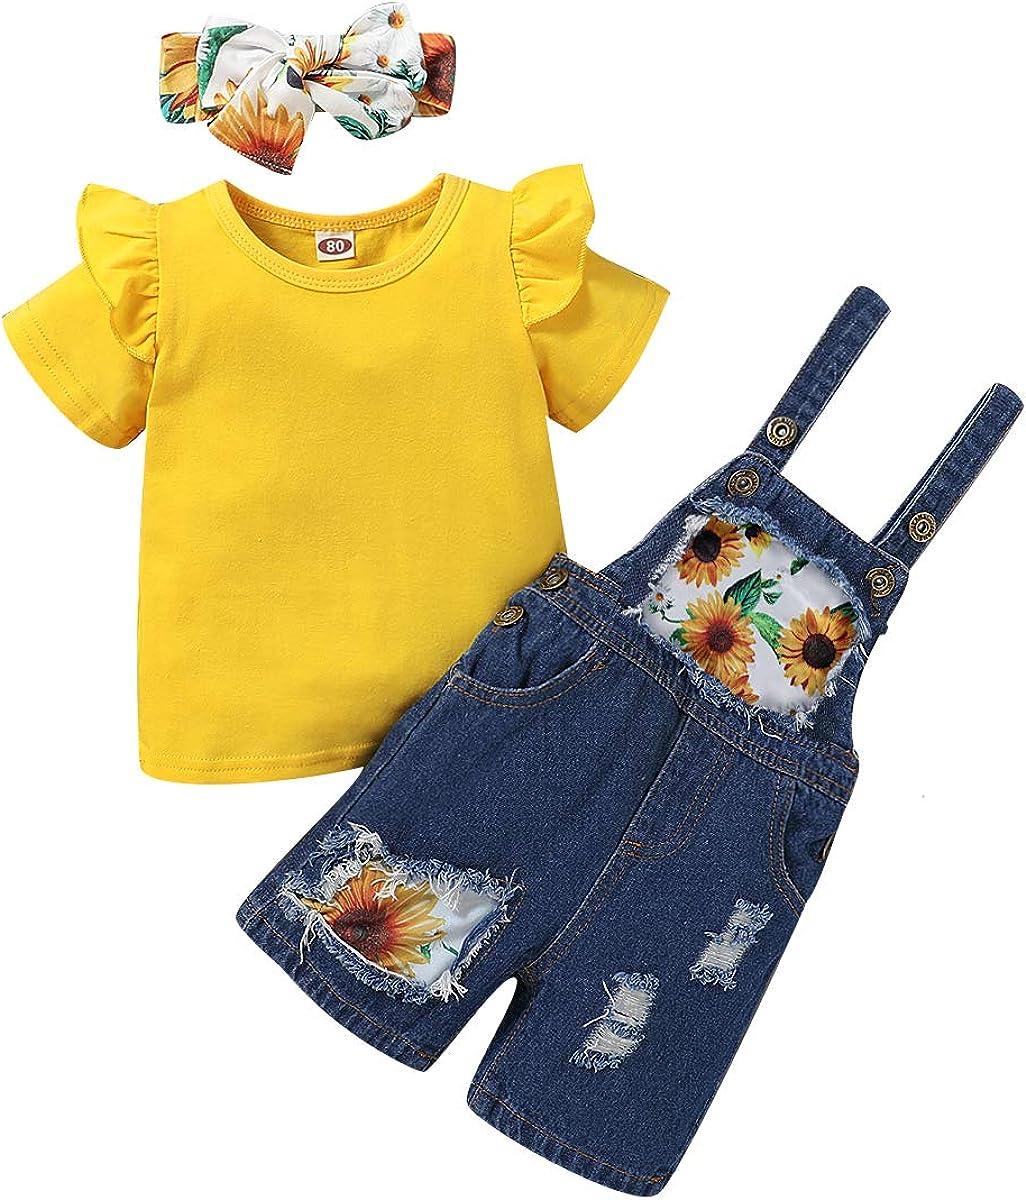 puseky Niños Niñas Niñas Trajes Volantes Camisa Amarilla Girasol Tirante Pantalones de Mezclilla Diadema: Amazon.es: Ropa y accesorios